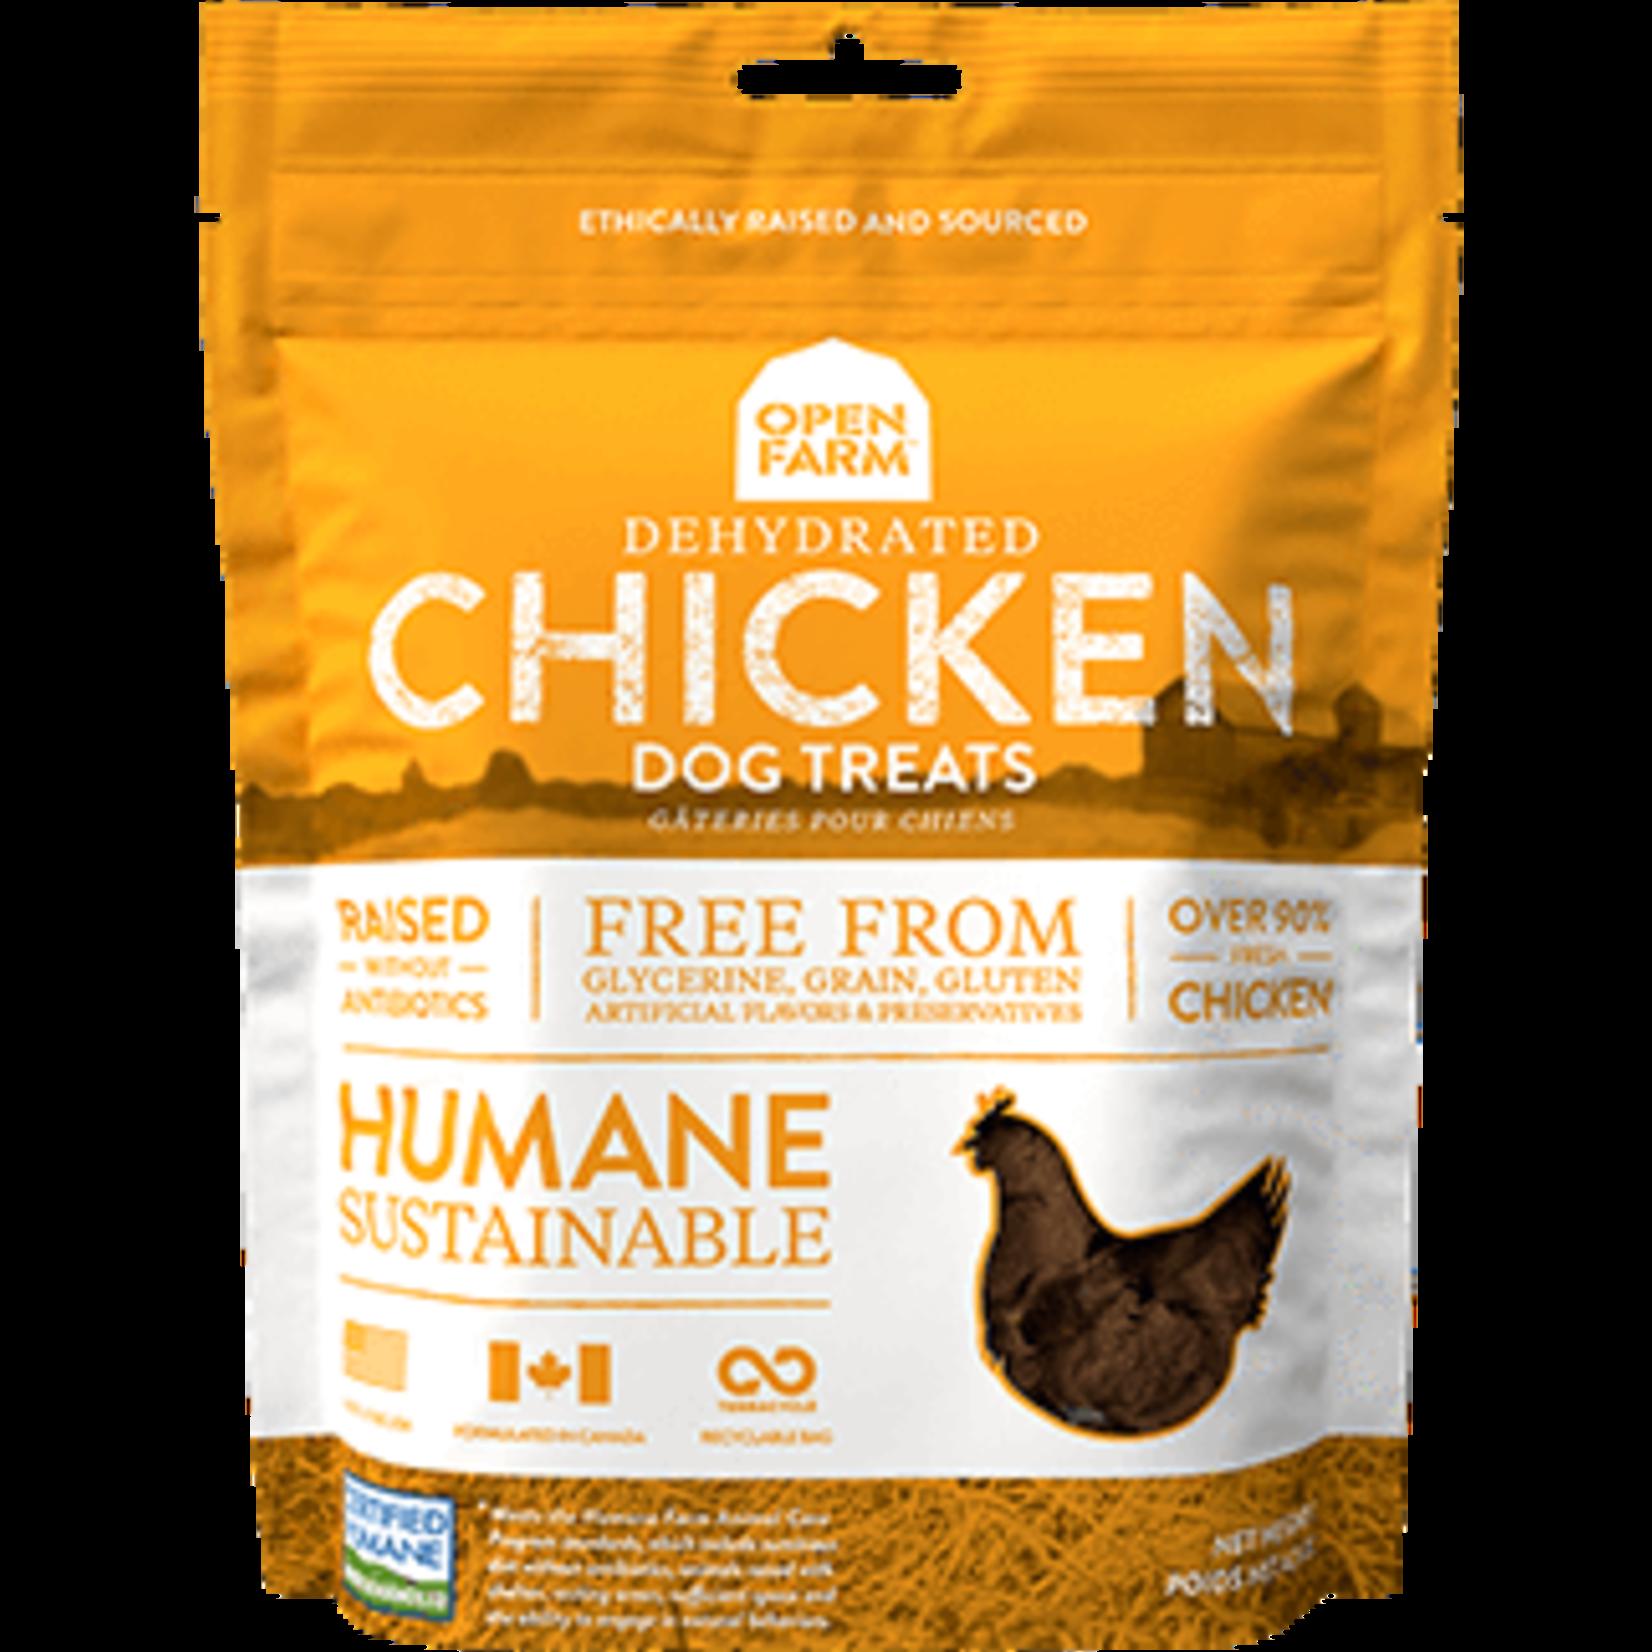 Open Farm Open Farm Dehydrated Chicken Treat 4.5 OZ